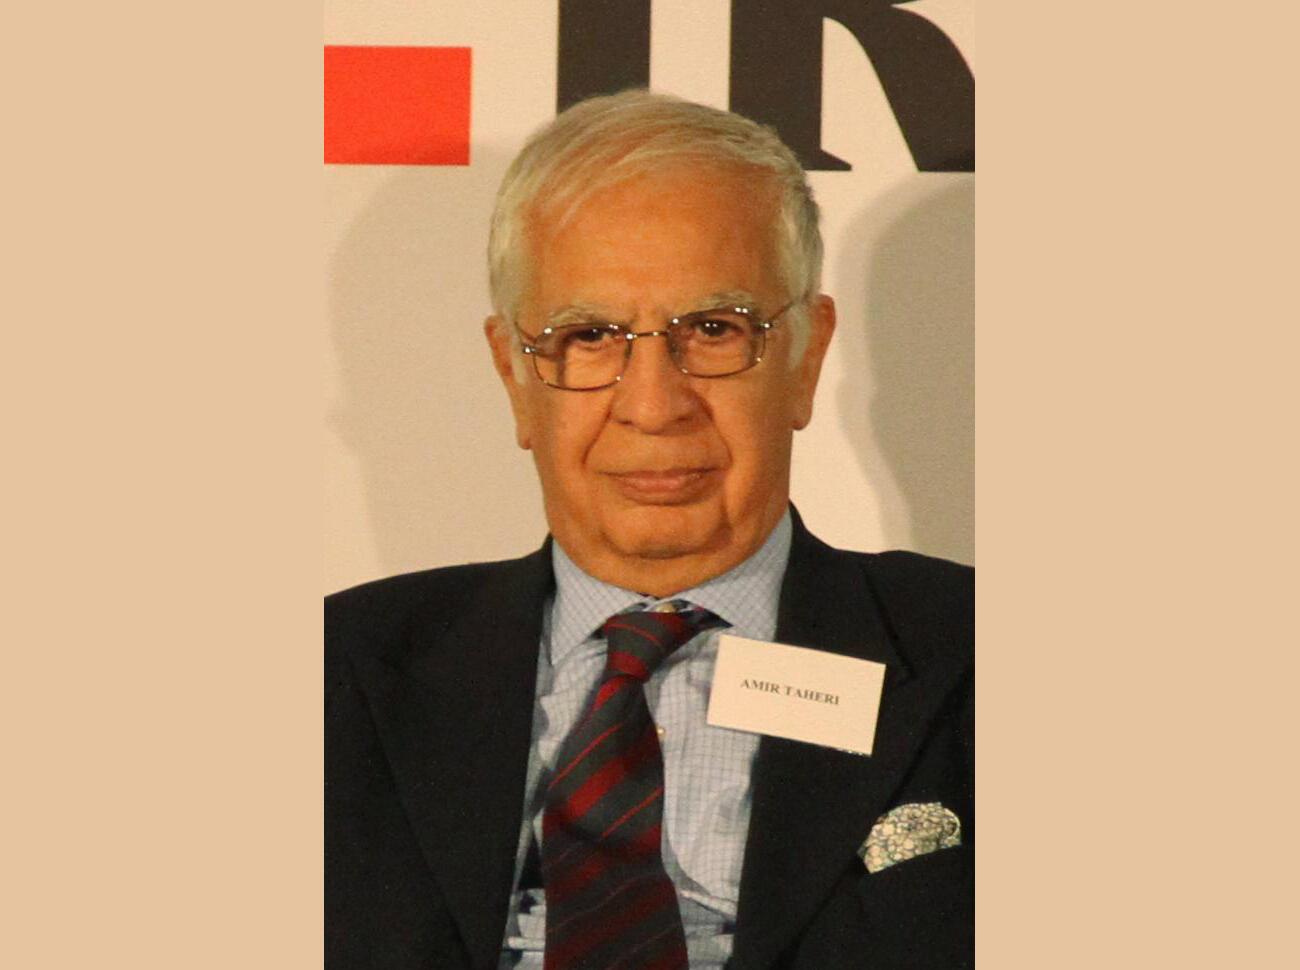 امیر طاهری، روزنامهنگار ساکن بریتانیا